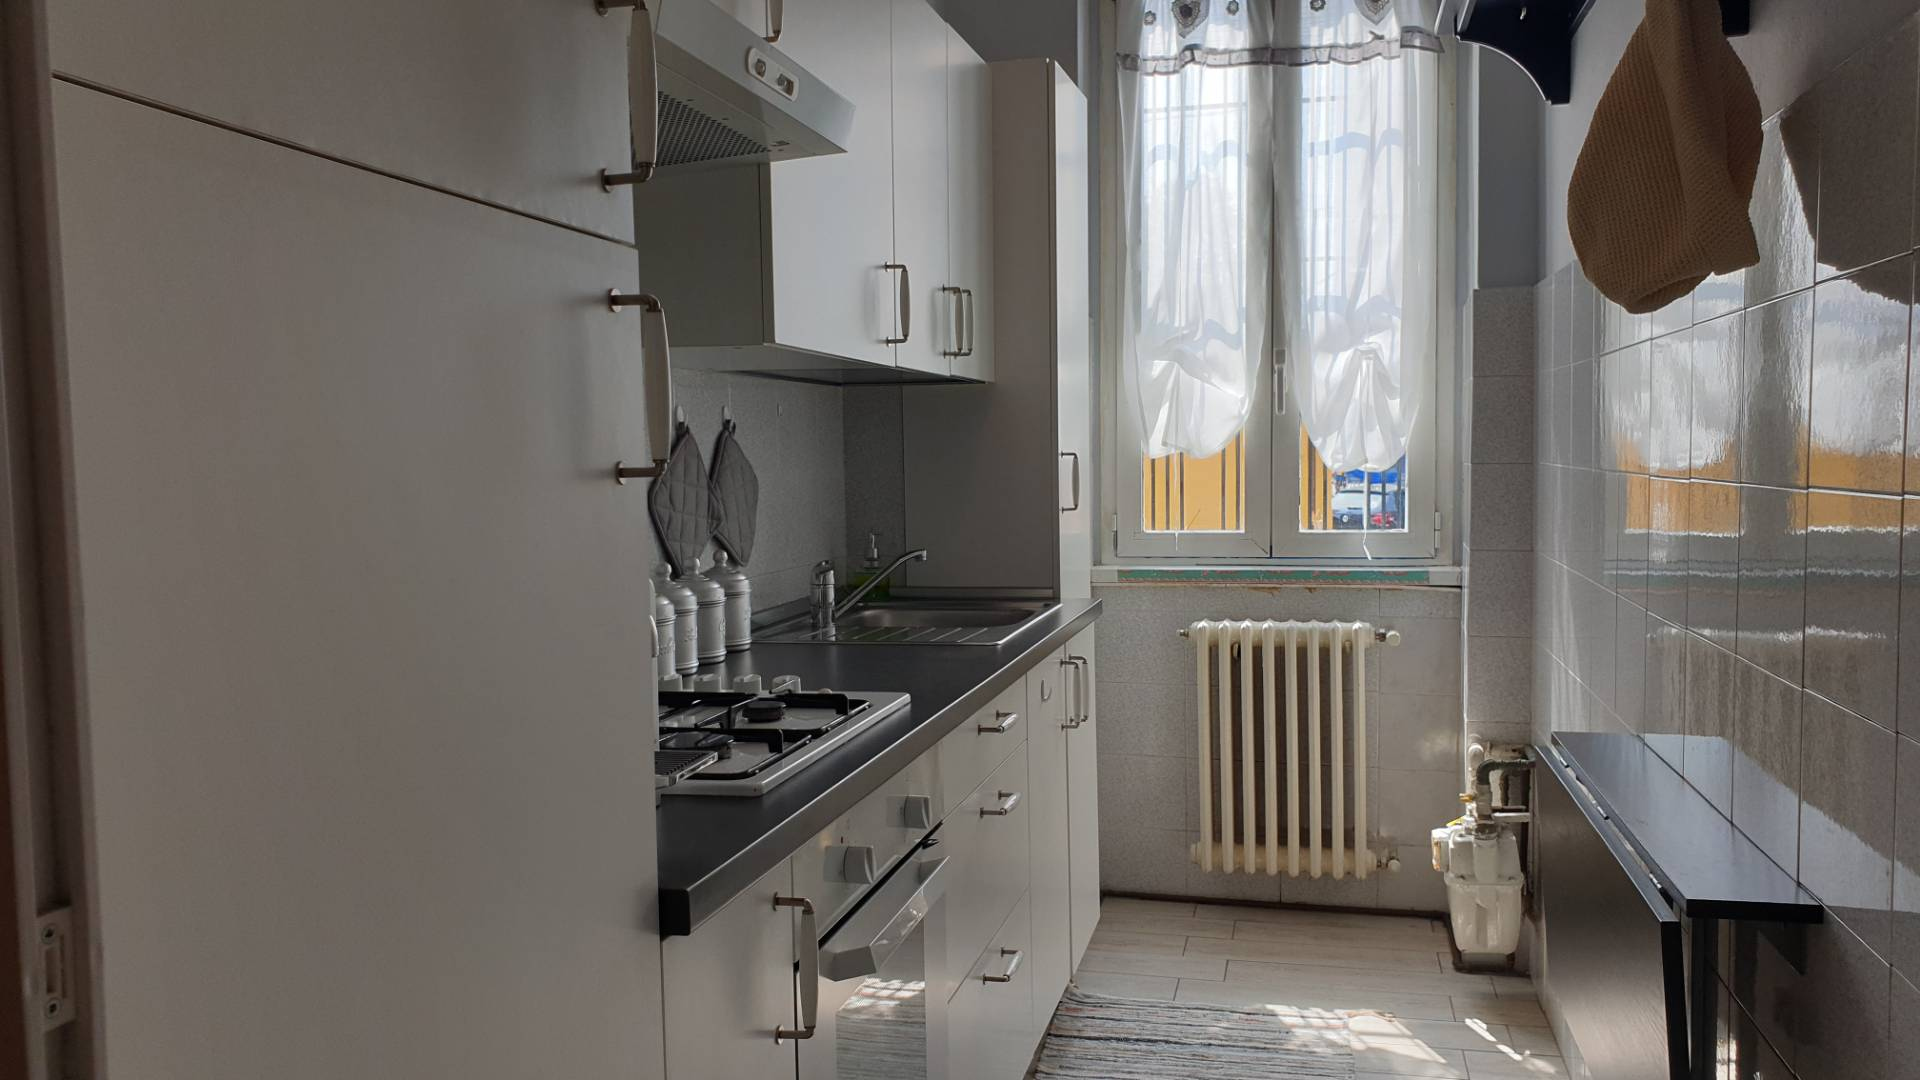 Appartamento in affitto a Segrate, 1 locali, zona gro, prezzo € 90.000   PortaleAgenzieImmobiliari.it